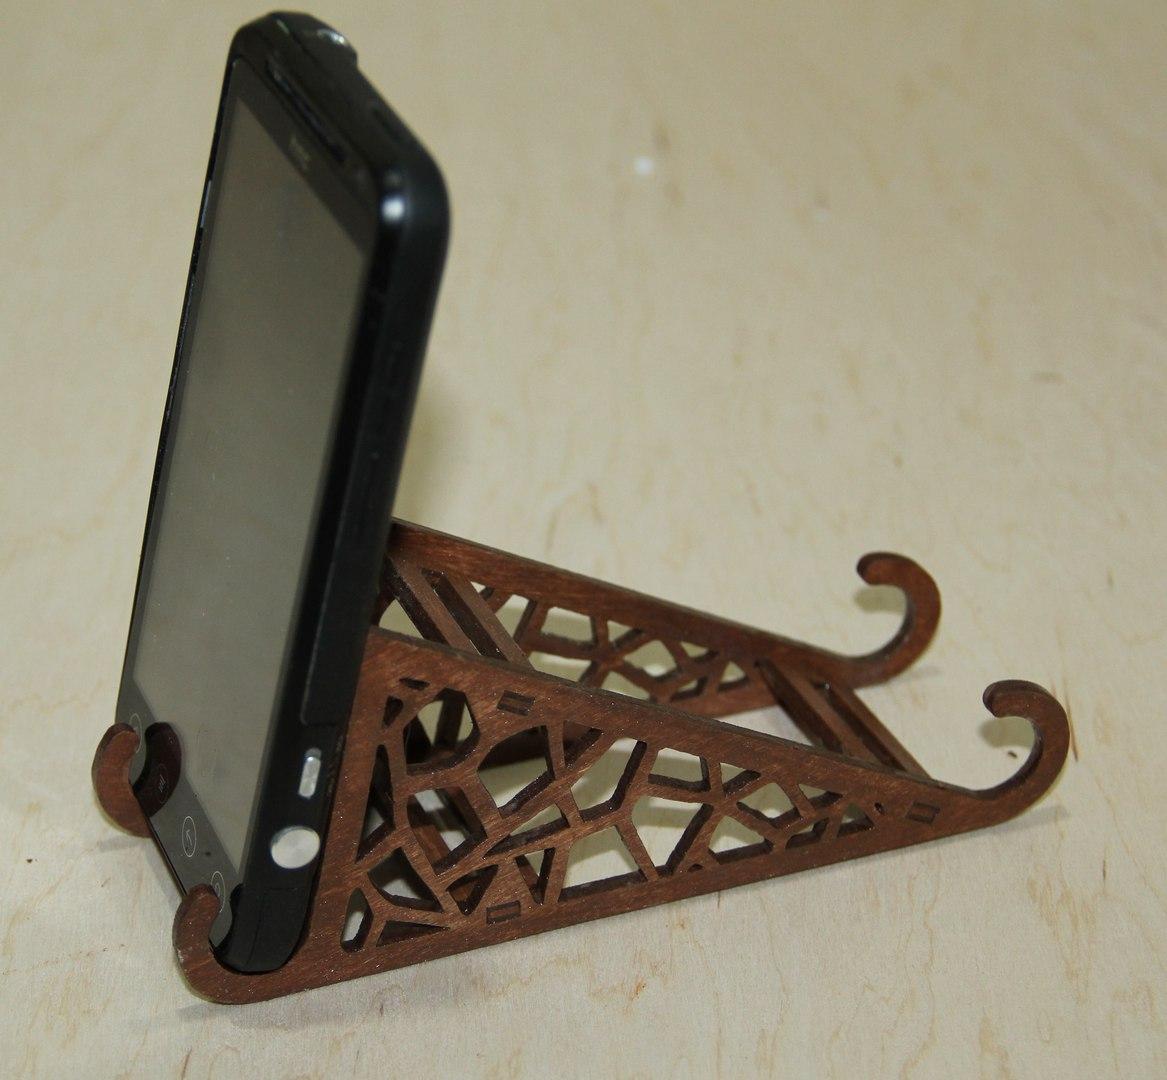 Telefon Stand Free CDR Vectors Art